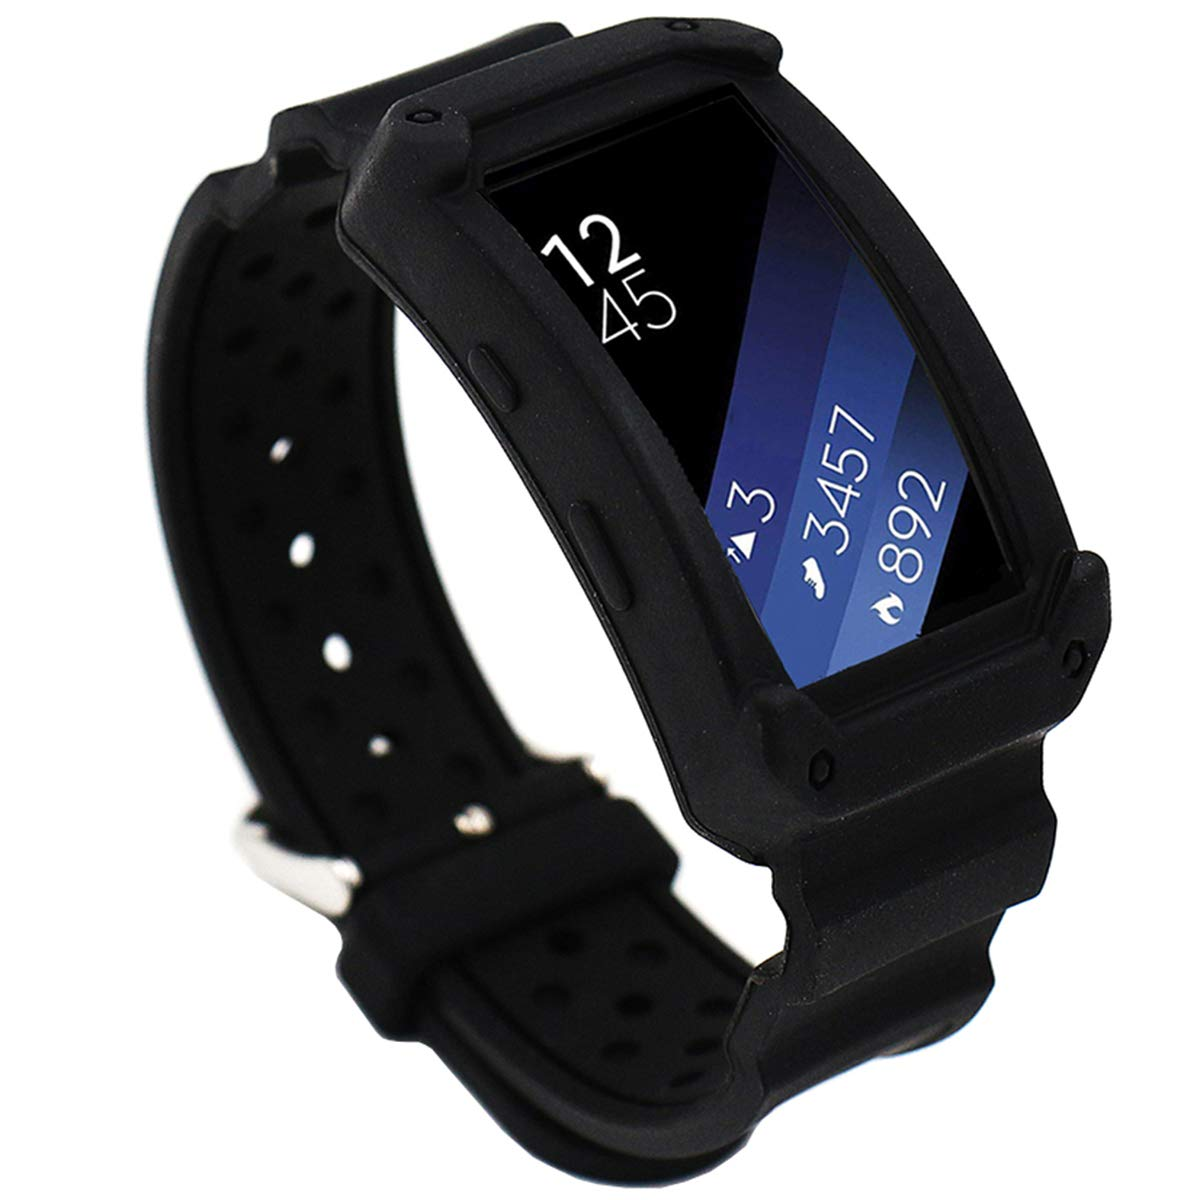 EL-move para correa de silicona reloj pulsera correa de reemplazo banda para Samsung Gear FIT2 Pro/FIT2 sm-r360 Smartwatch Fitness accesorios caso ...